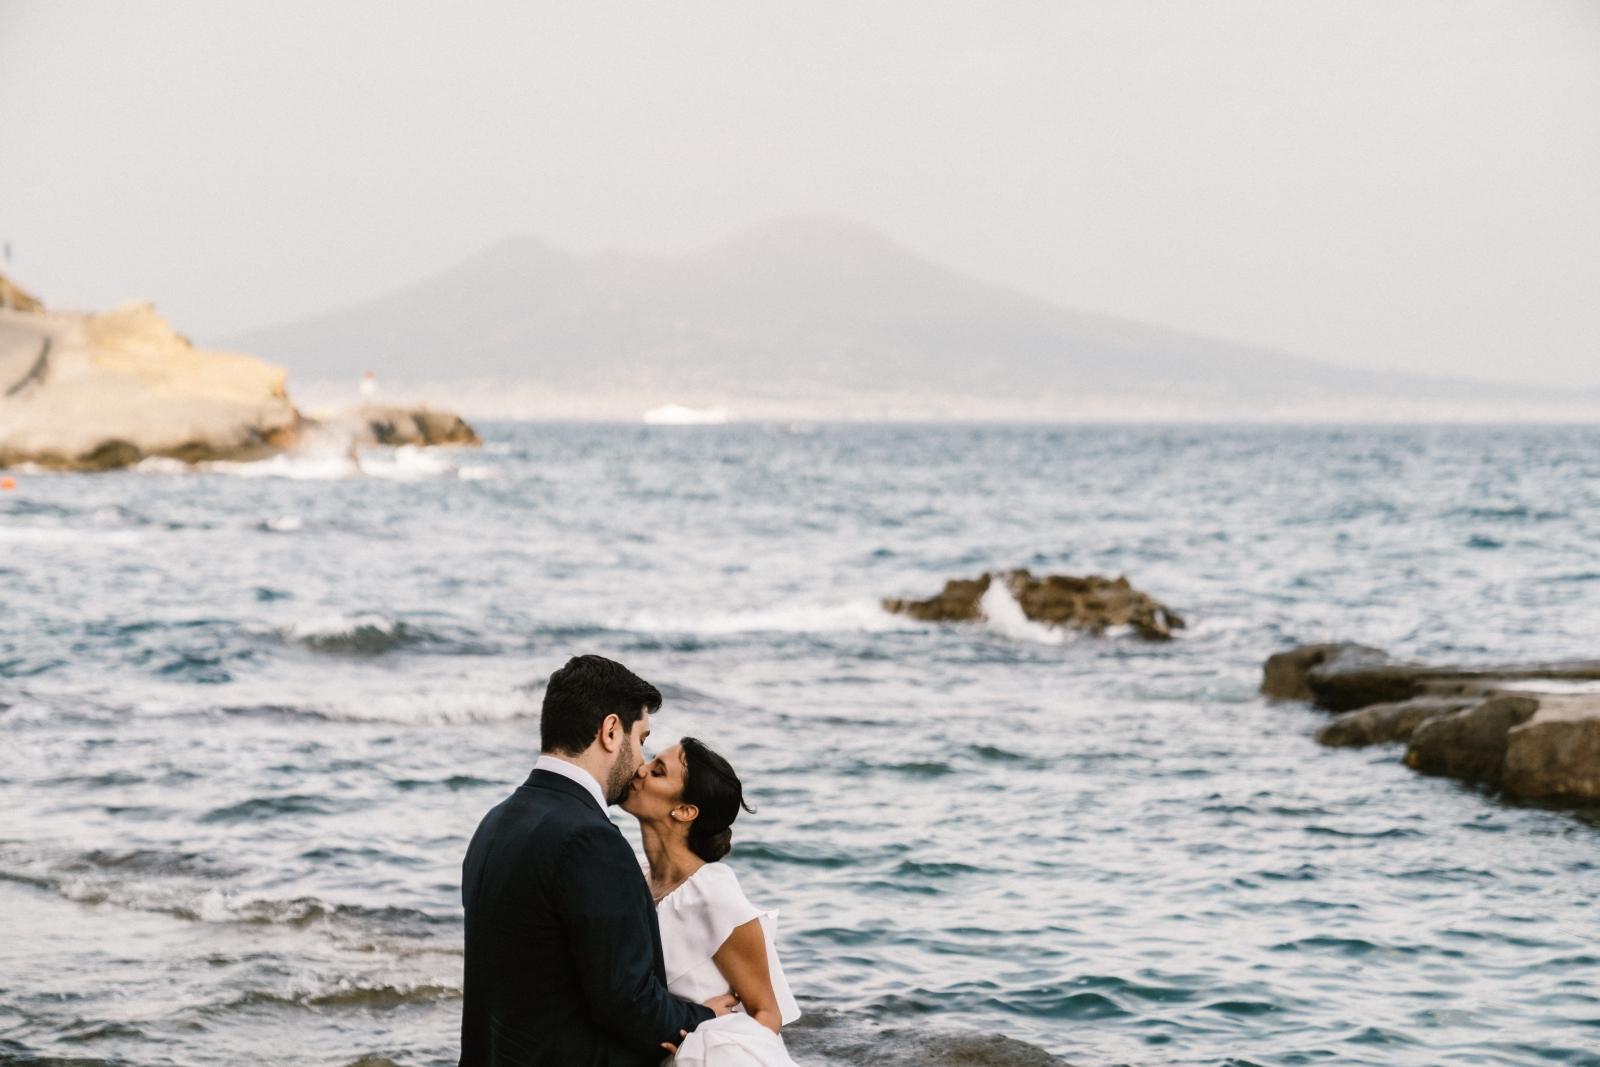 matrimonio_laconcasulmare_coloricostiera_vietrisulmare_blineventi-29